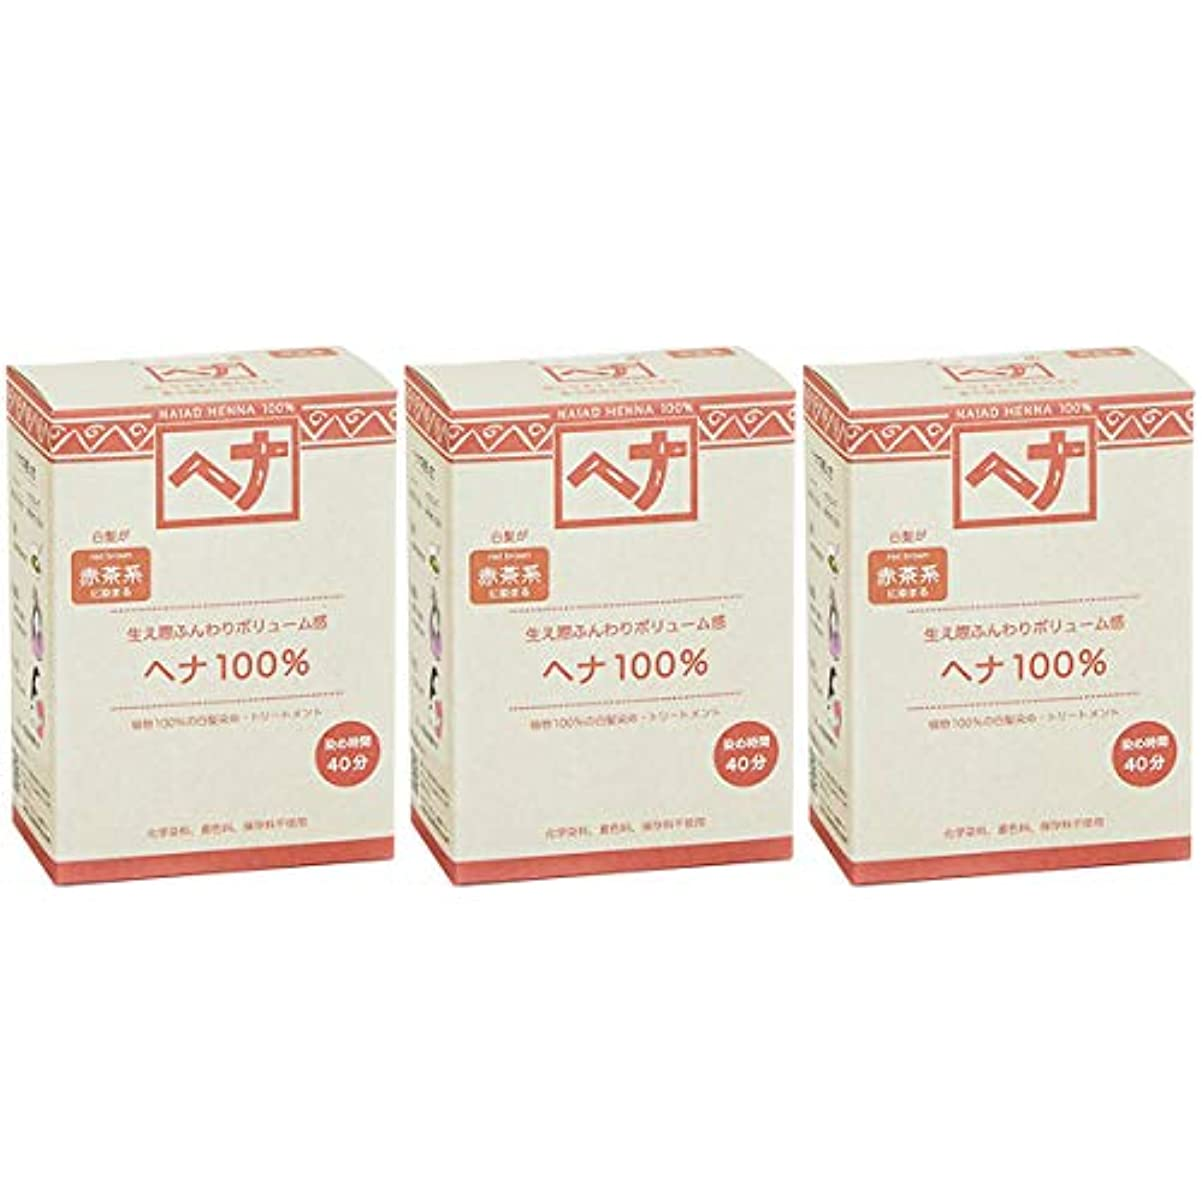 ナイアード ヘナ 100% 赤茶系 生え際ふんわりボリューム感 100g 3個セット 白髪染め 100%植物でつくられた自然素材